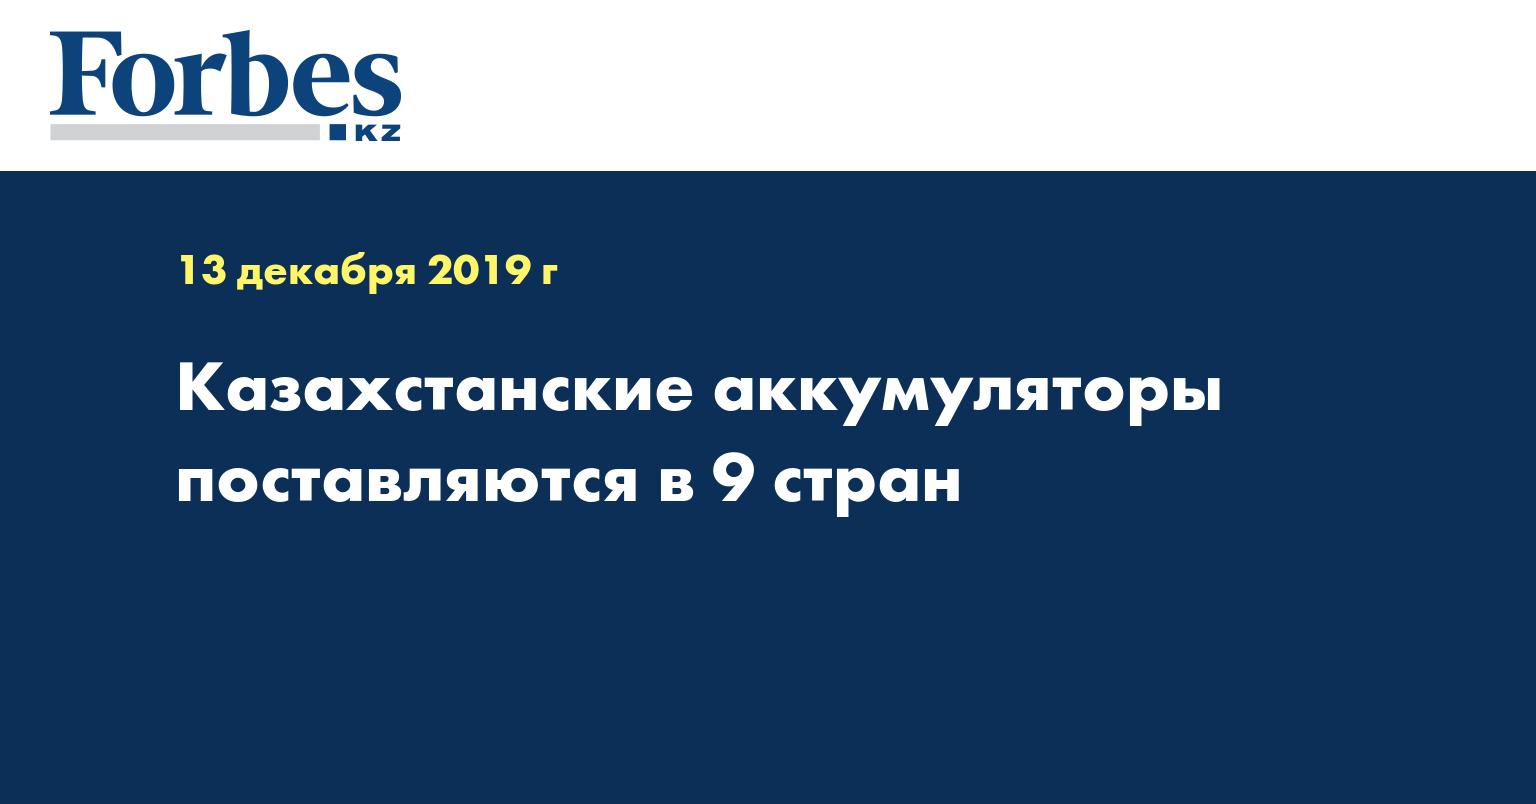 Казахстанские аккумуляторы поставляются в 9 стран